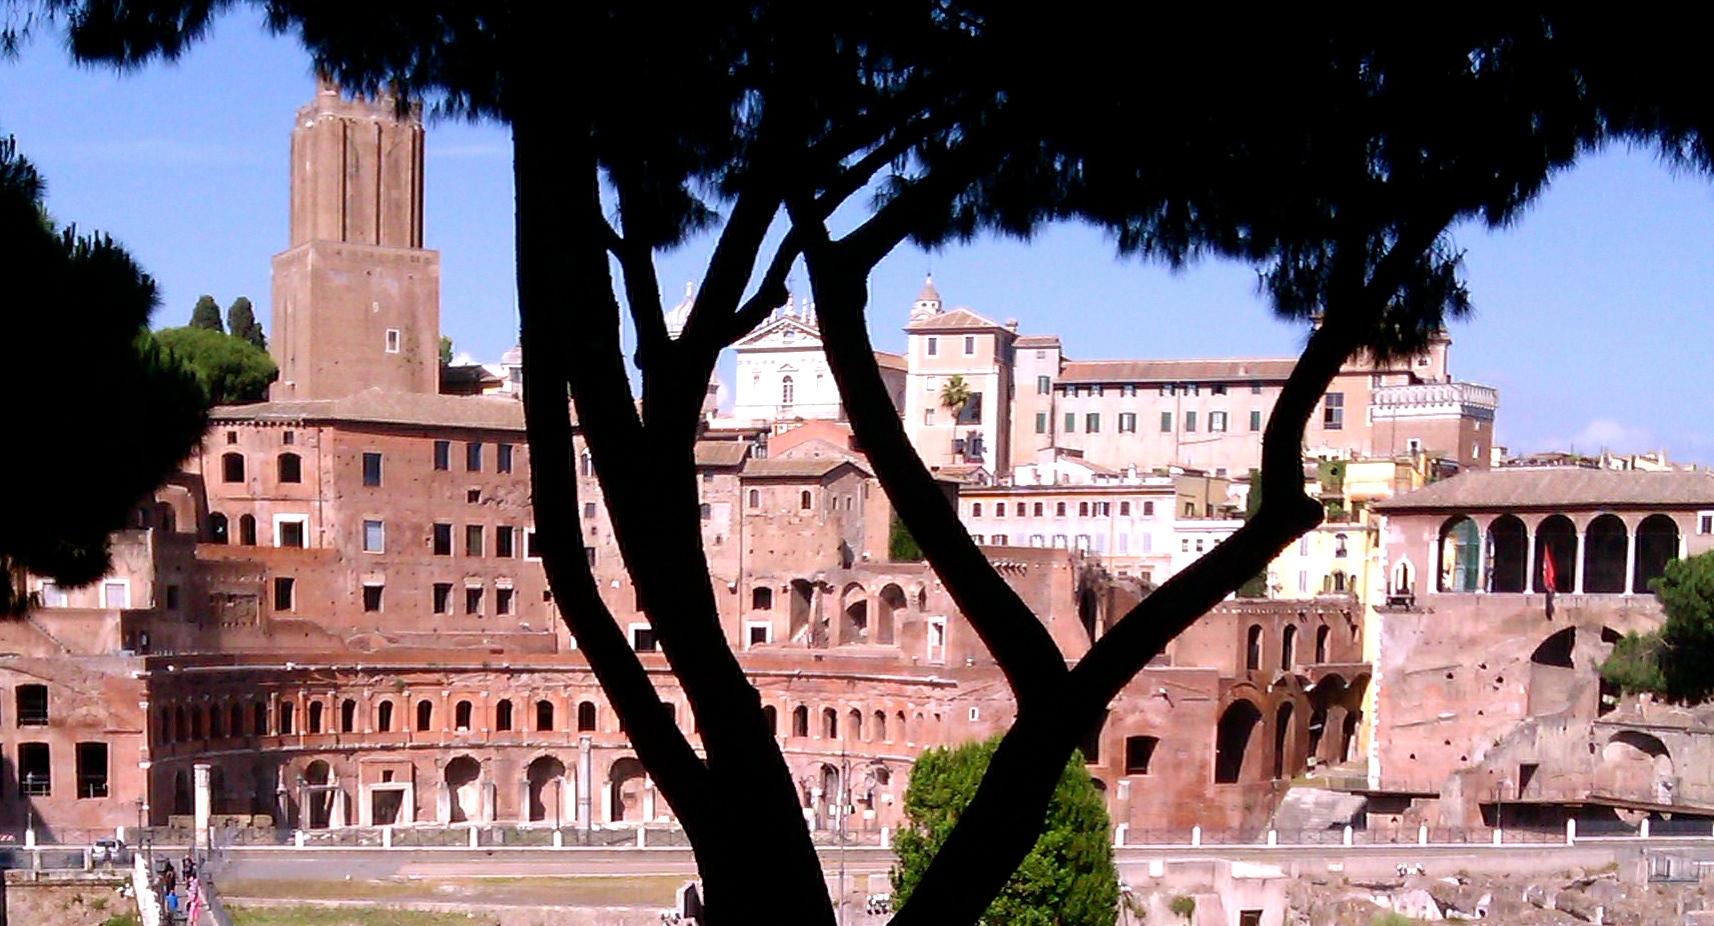 Rome. Image courtesy of Lorenza Bacino